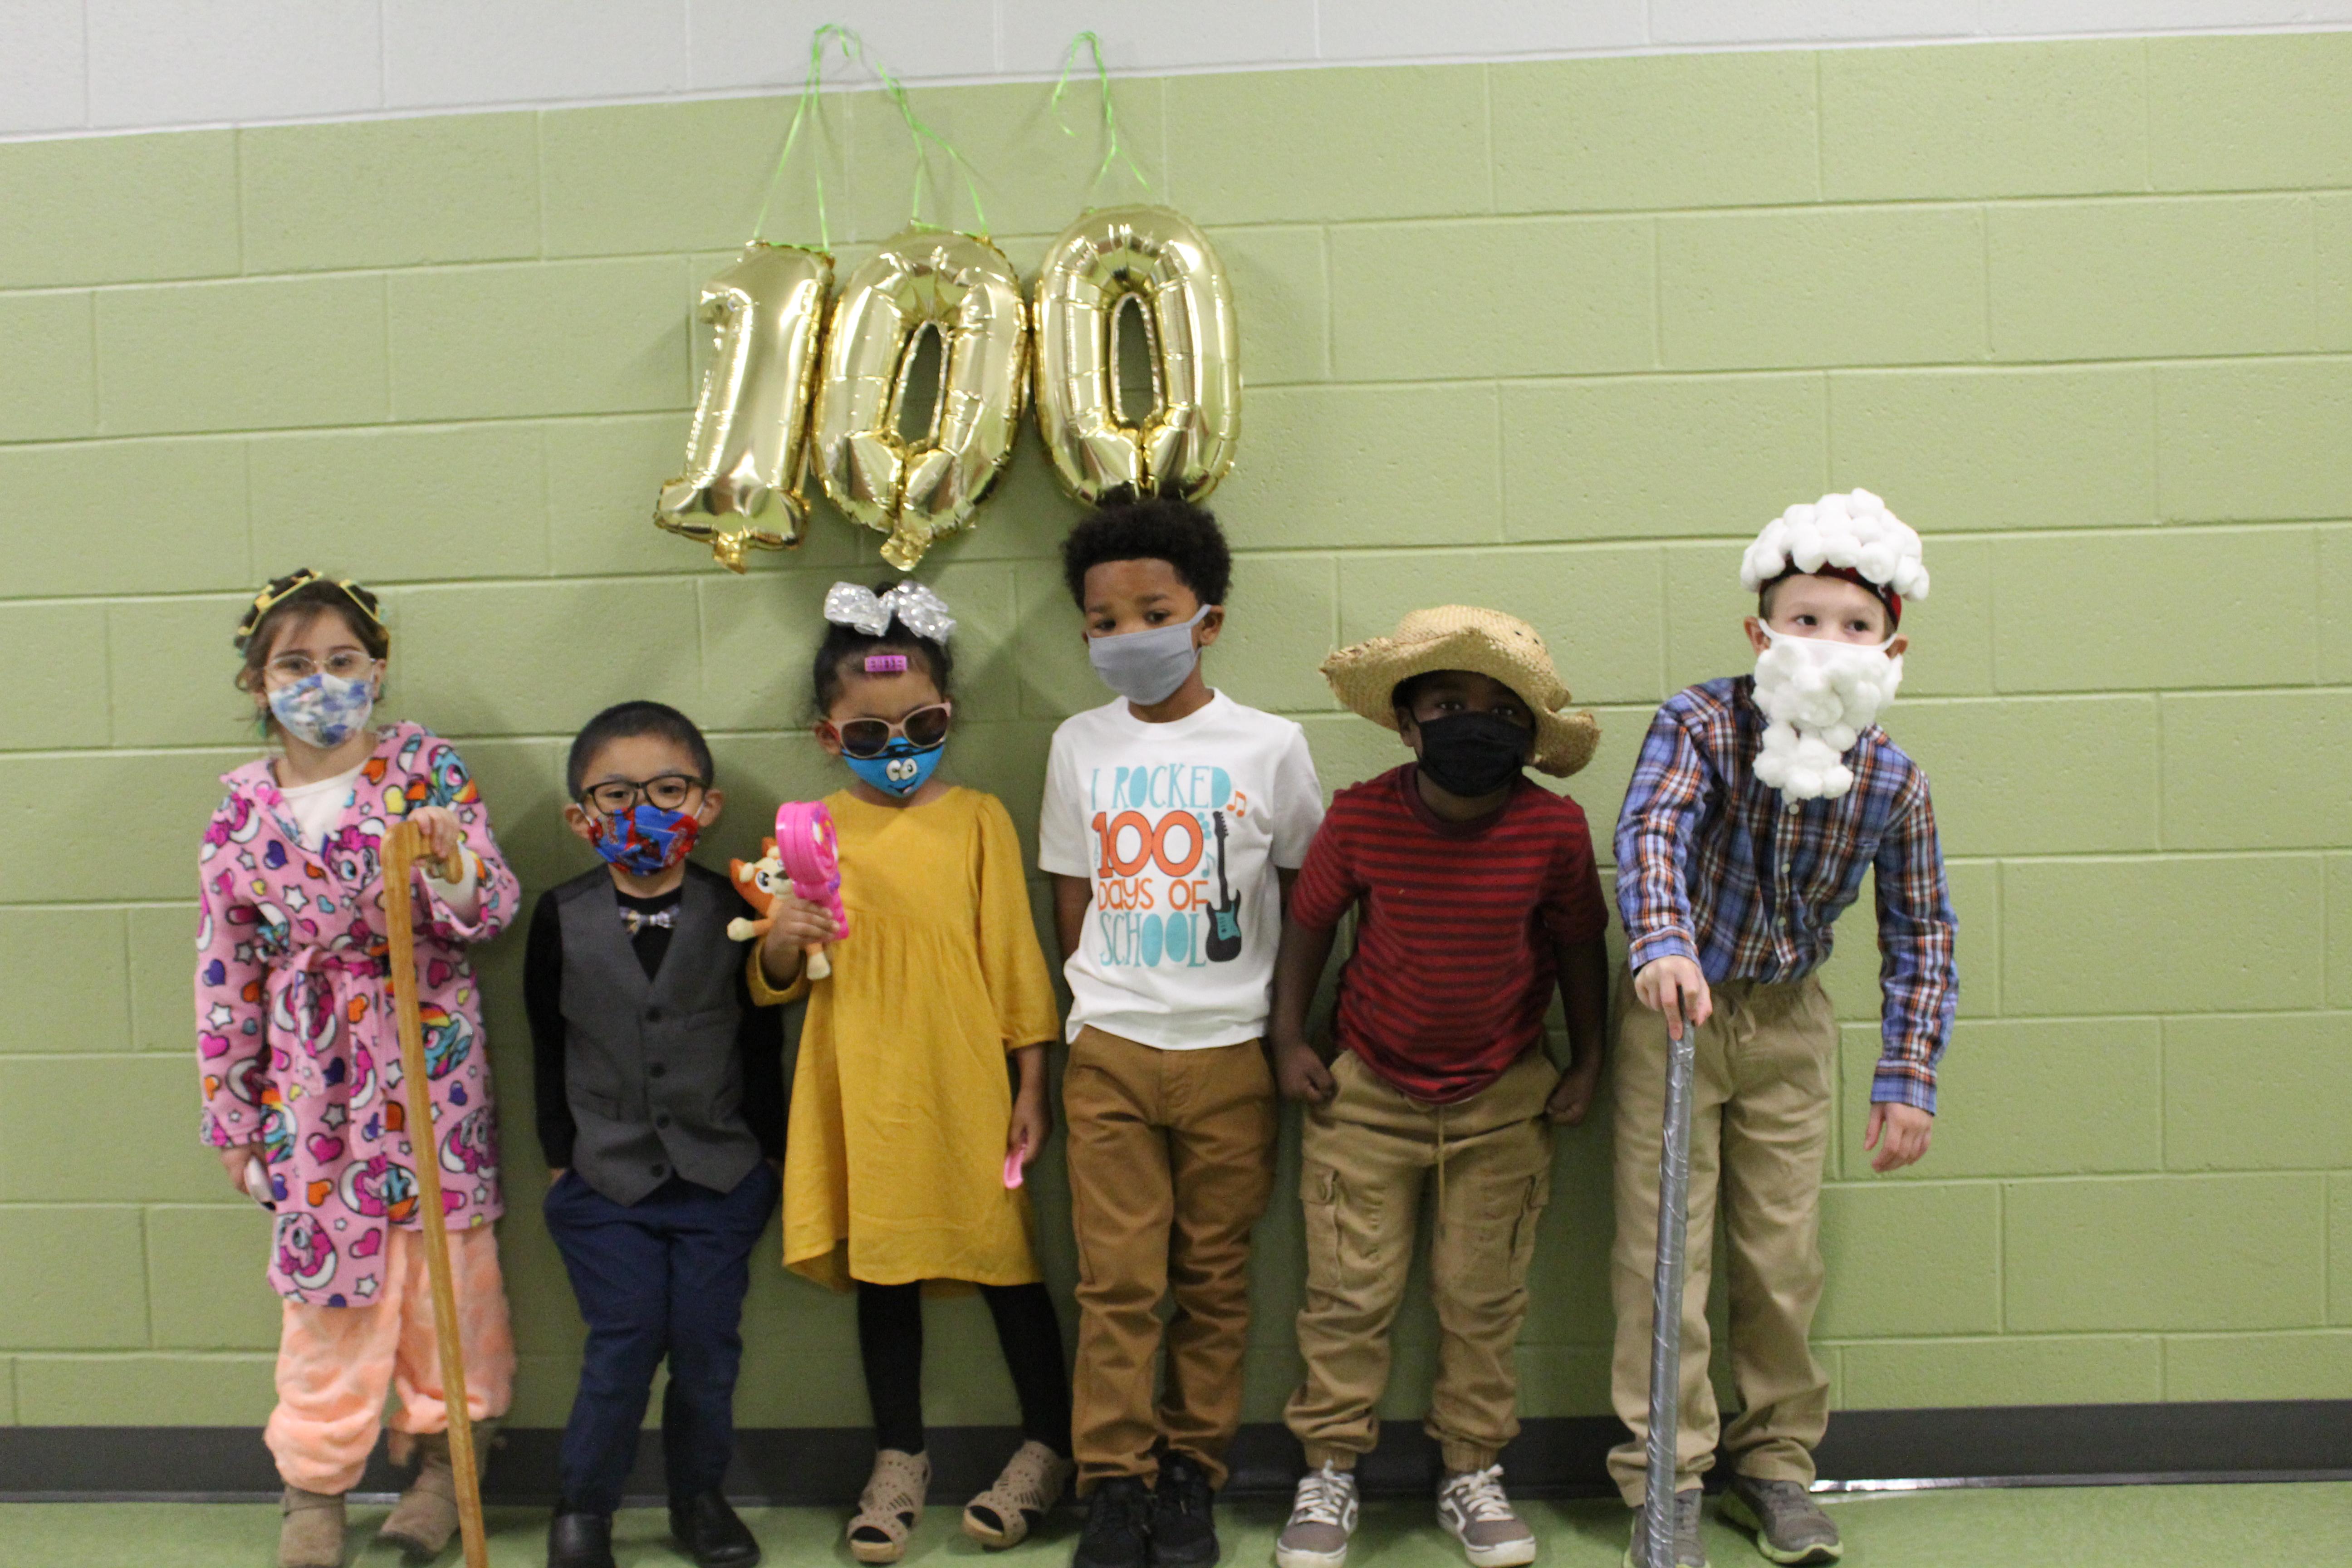 Kindergarten 100th Day of School